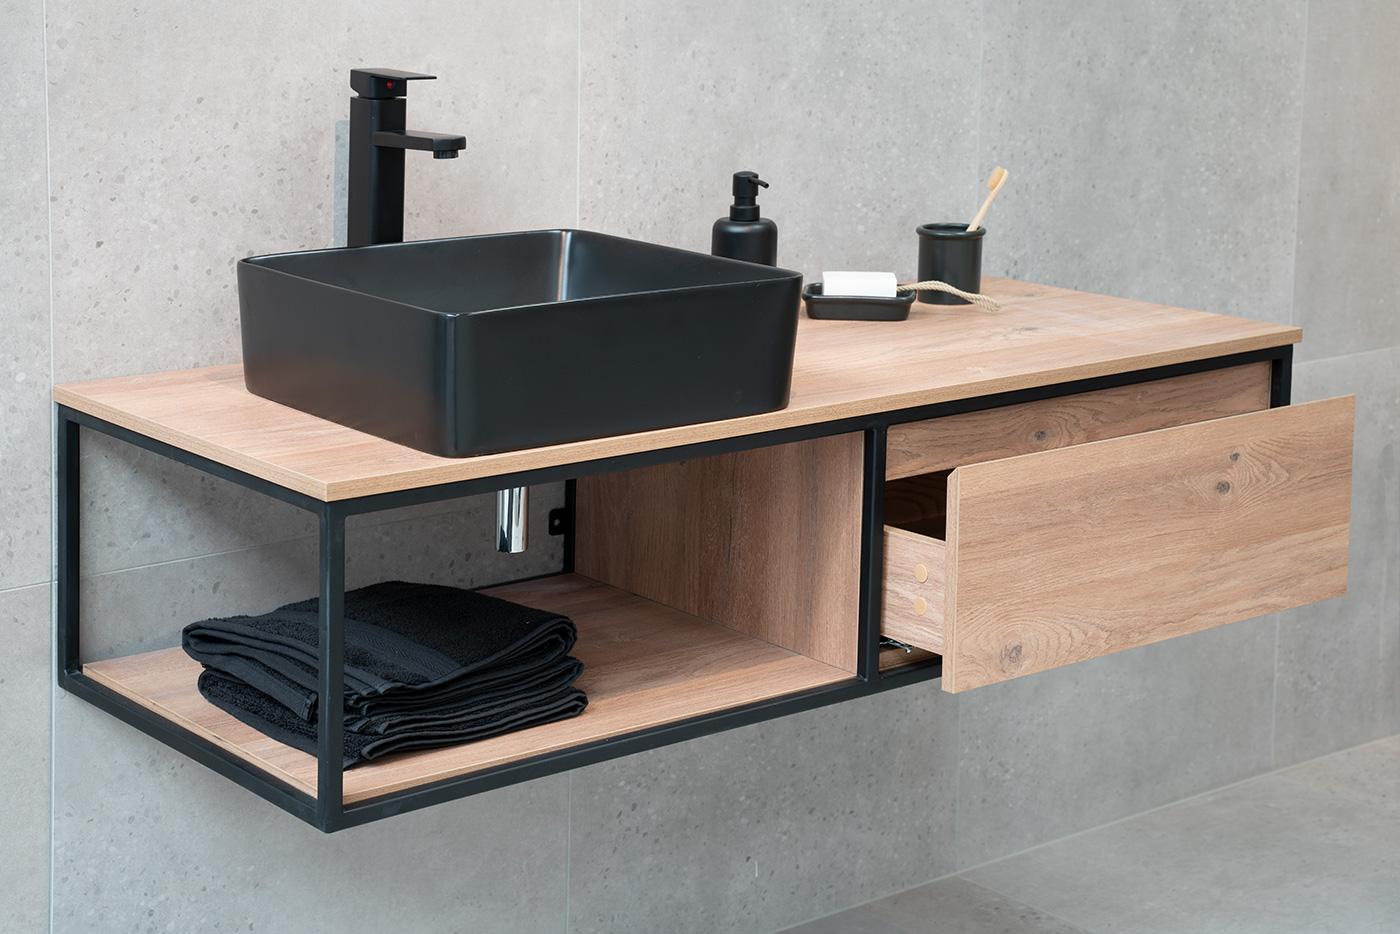 Badmöbel Unterschrank REED-120 (eiche) ohne Waschtisch